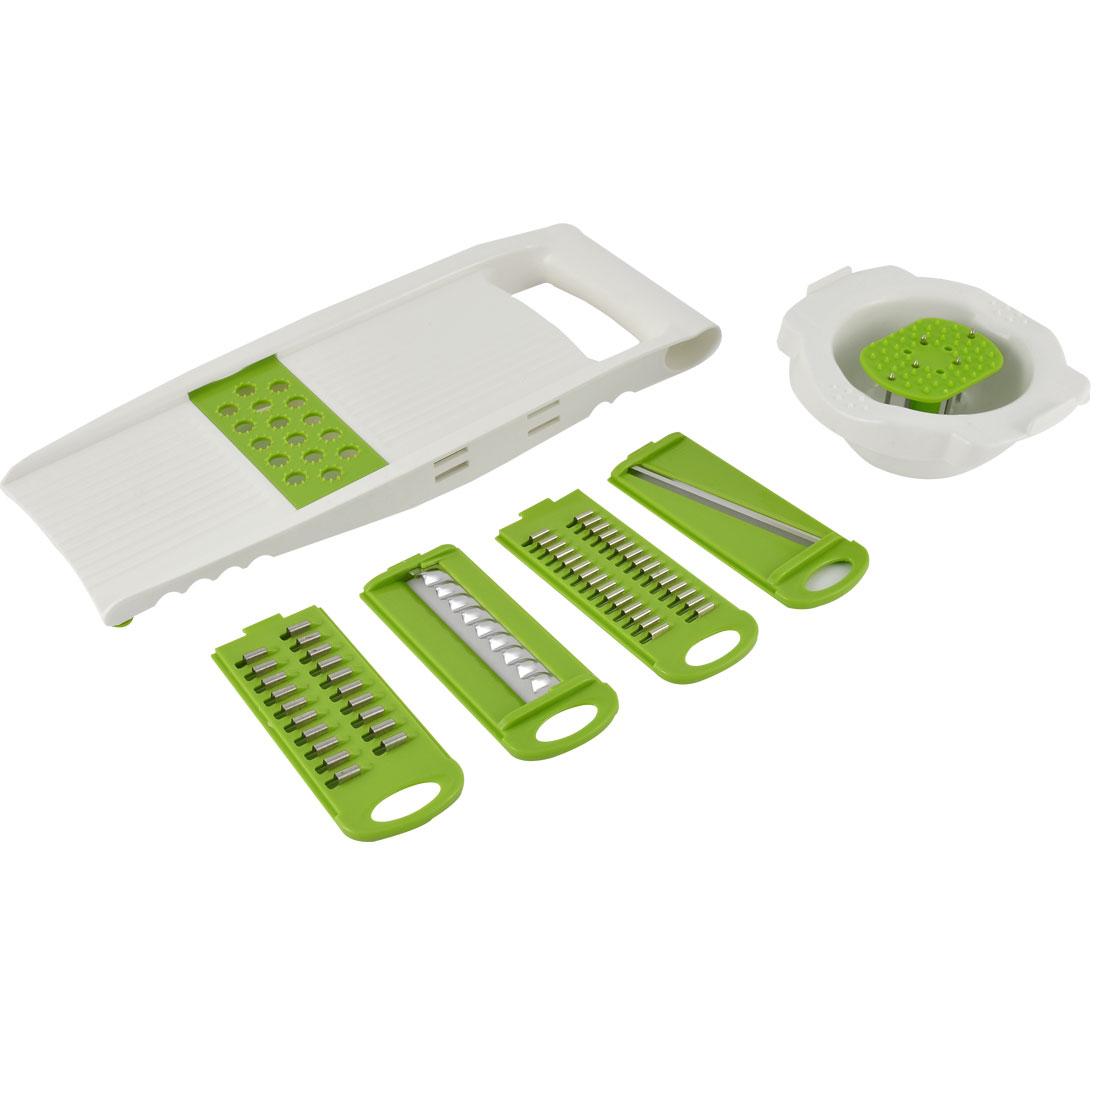 Household Kitchen Plastic Vegetable Fruit Slice Grater Peeler Cutter 5 in 1